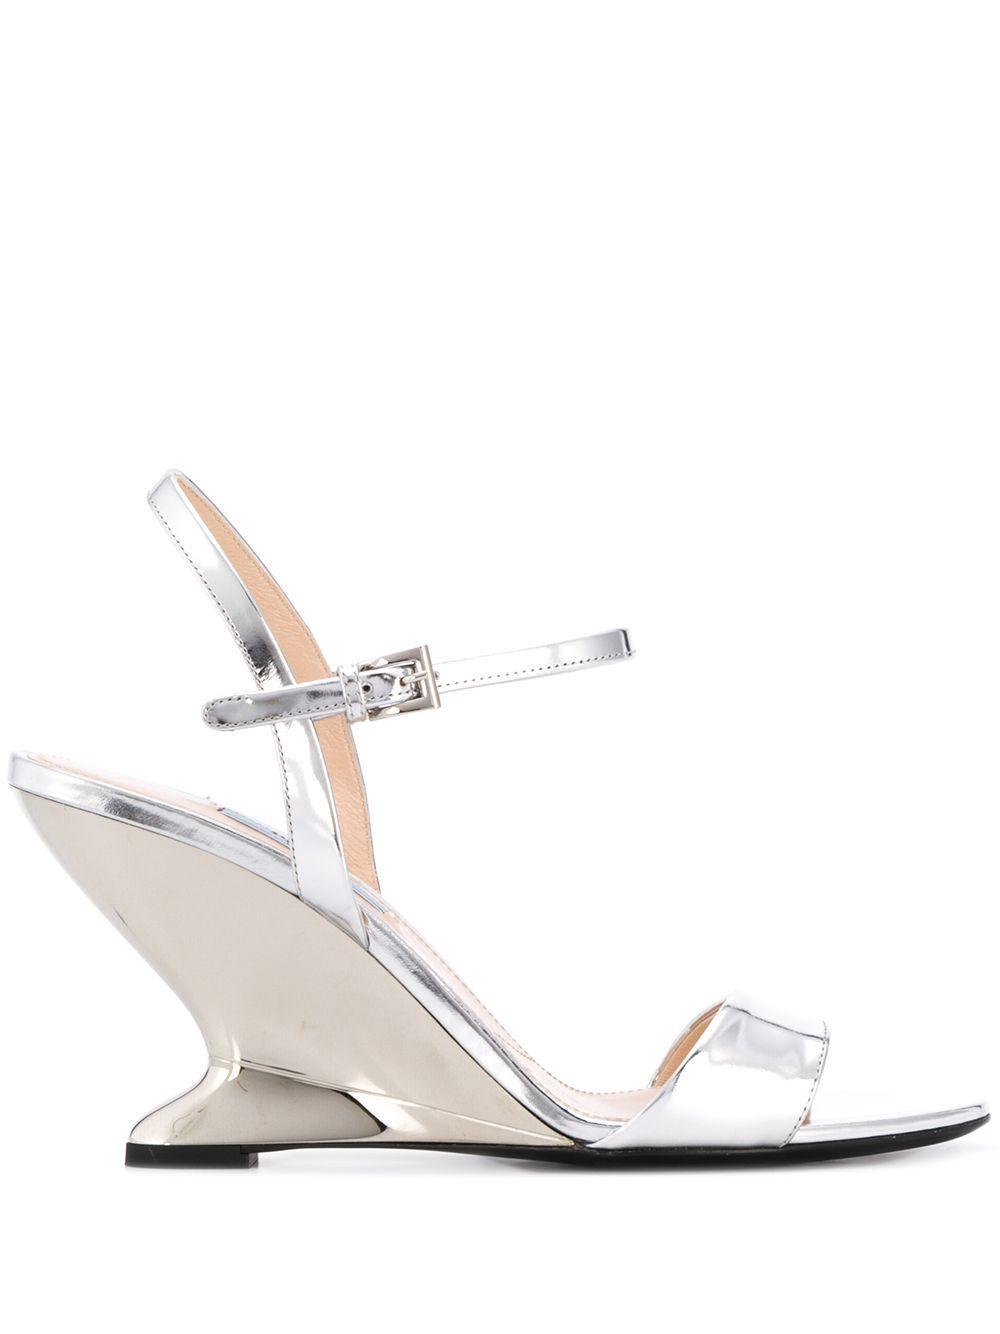 a961279a6e0 Lyst - Prada Structured Wedge Sandals in Metallic